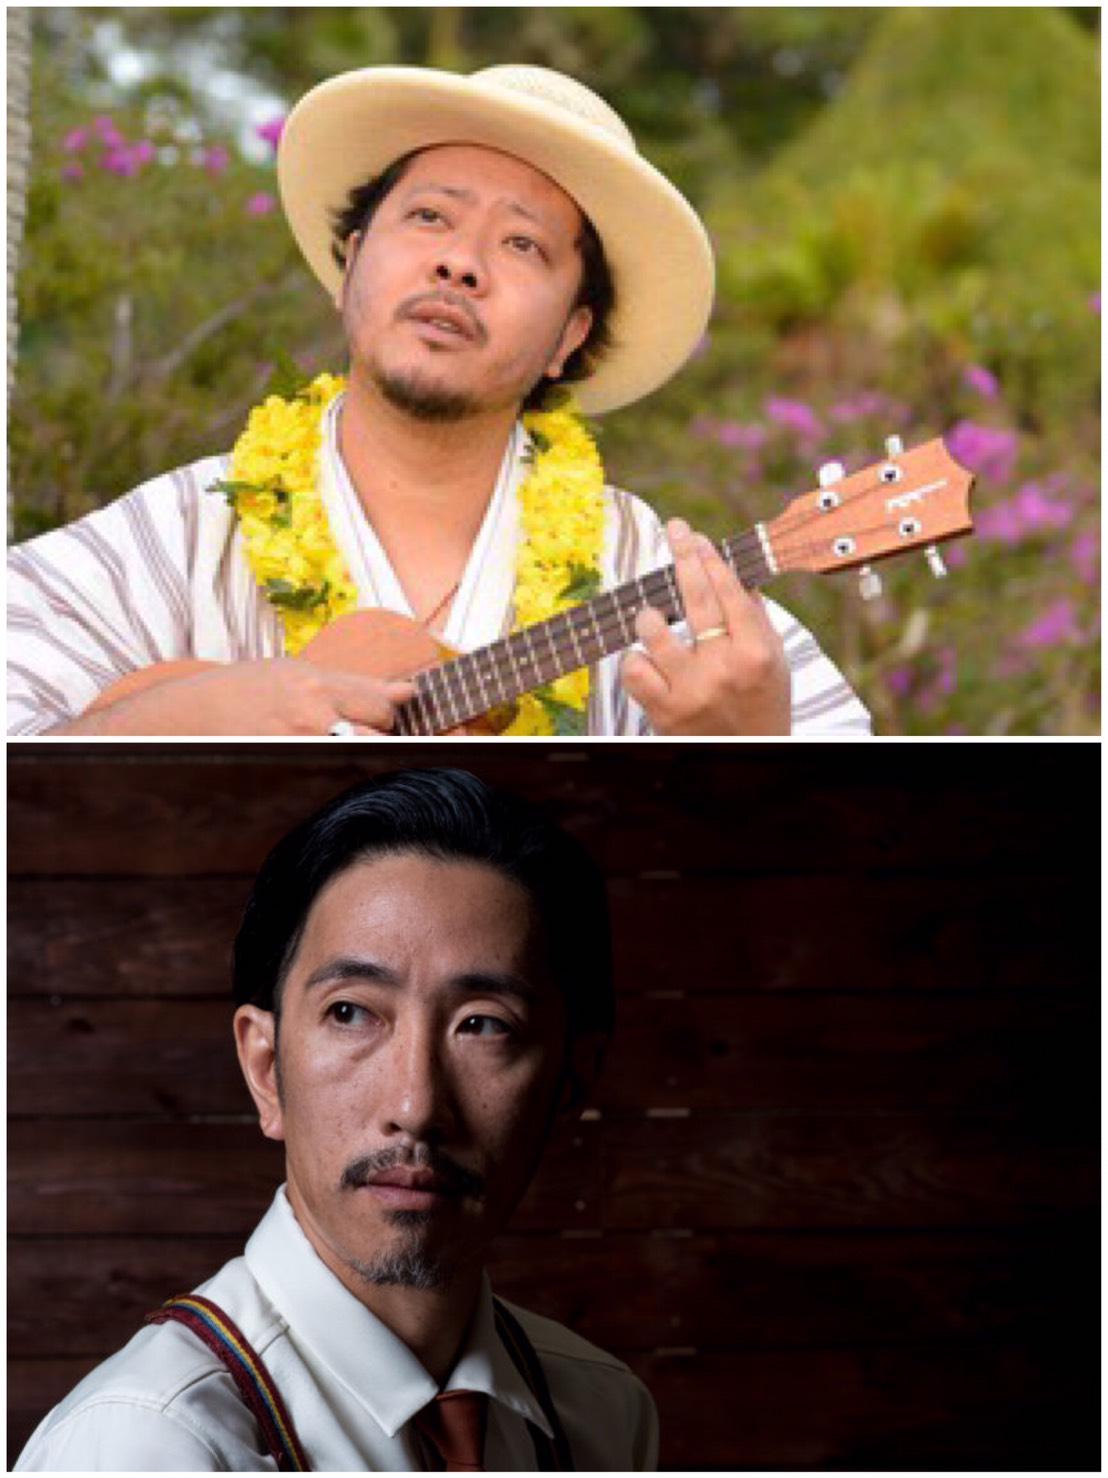 UKULELE GYPSY キヨサク from MONGOL800 Vo,Ukulele 松井朝敬 from Sweet Hollywaiians Steel Guitar,Ukulele